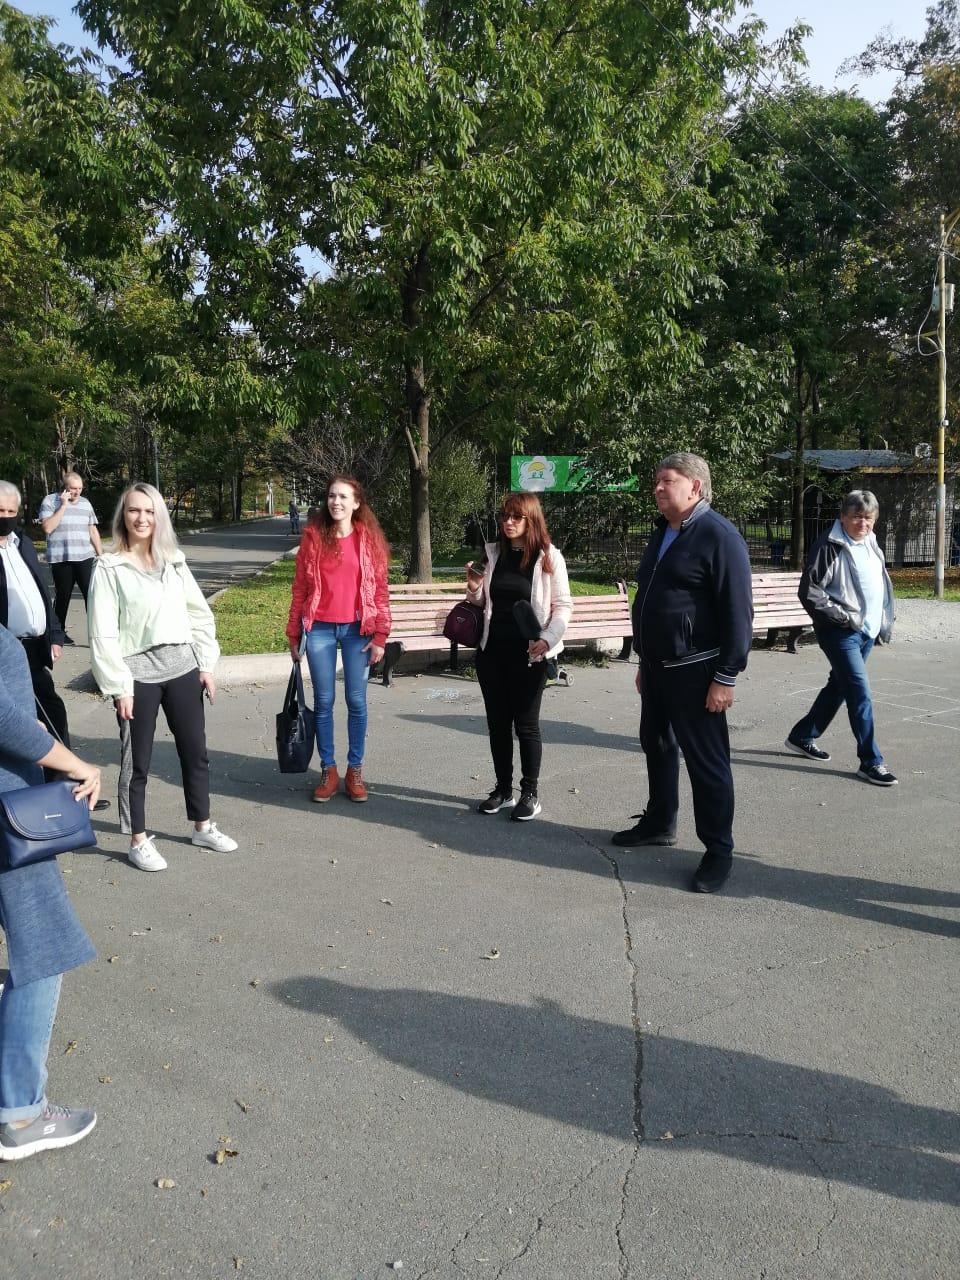 Общественные пространства в Артемовском городском округе преображаются и вскоре станут доступны всем желающим артемовцам.